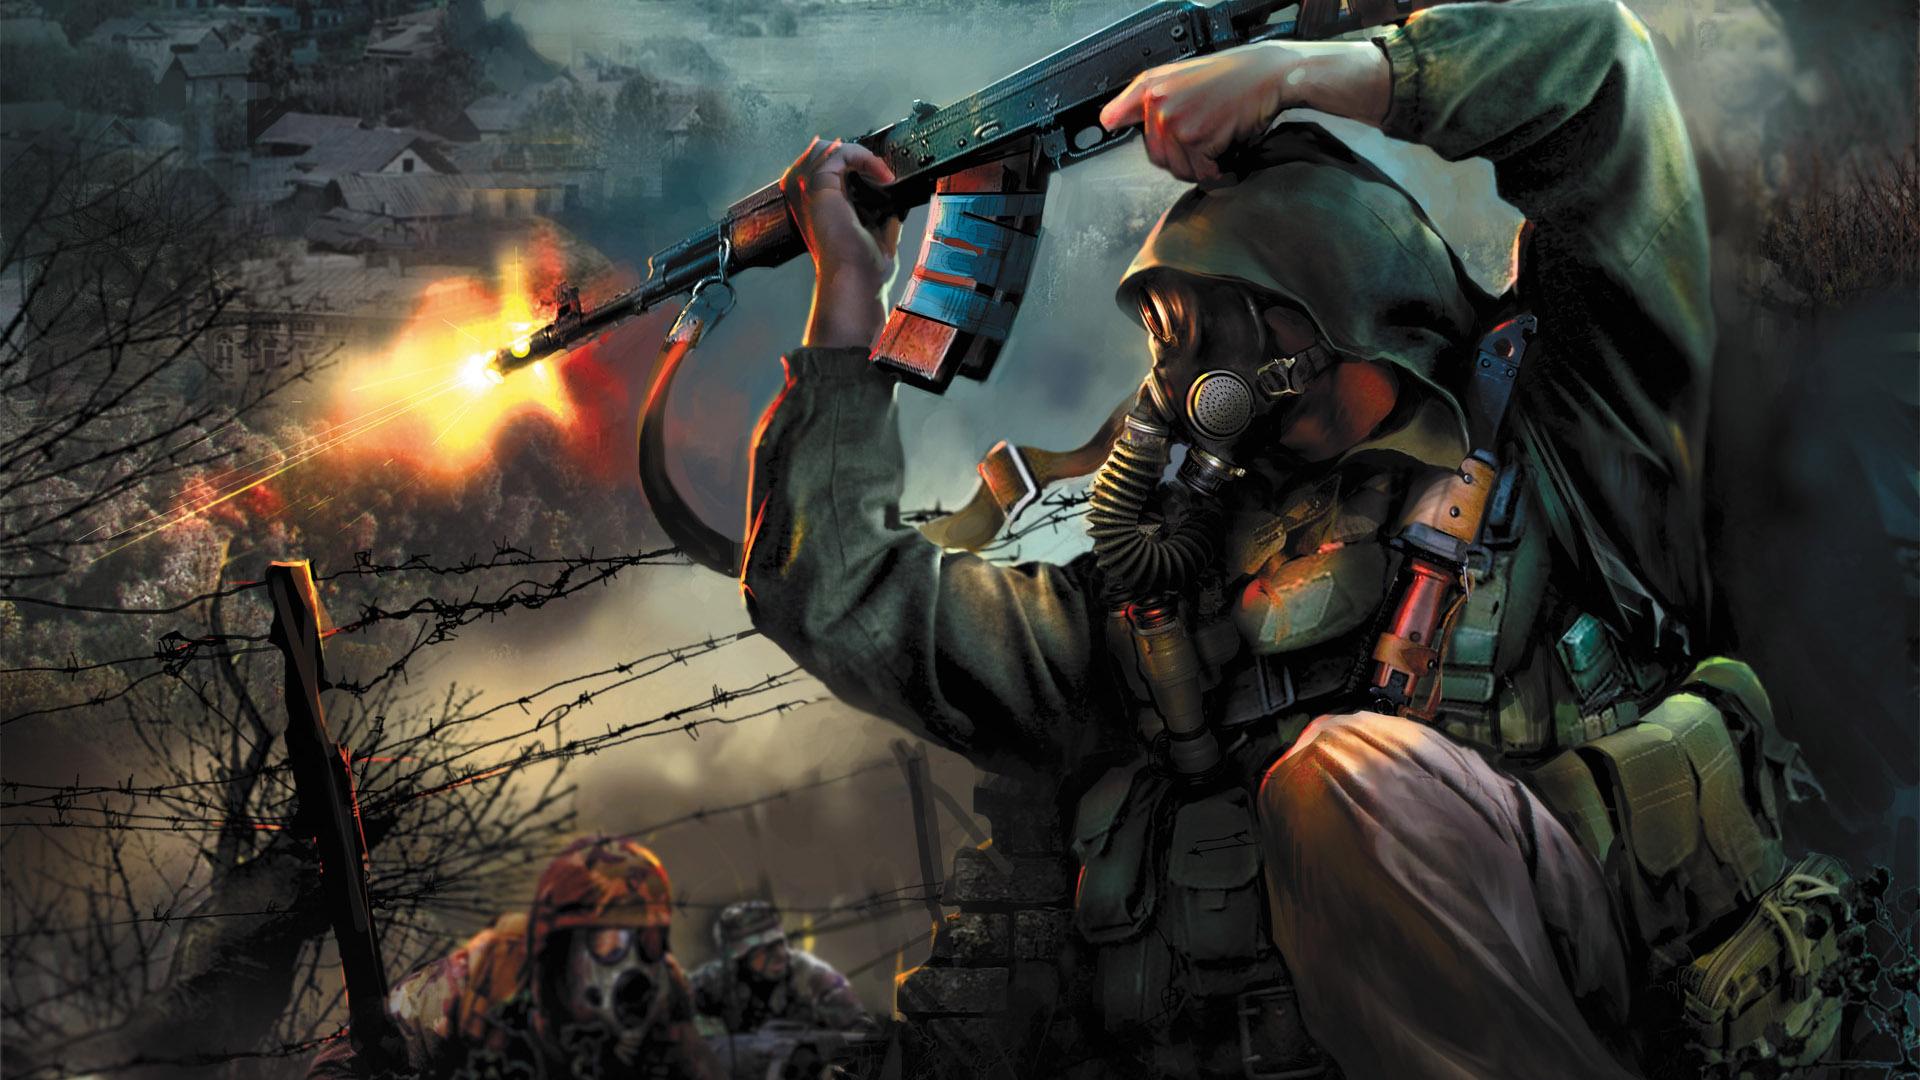 war-game-wallpaper-high-definition.jpg